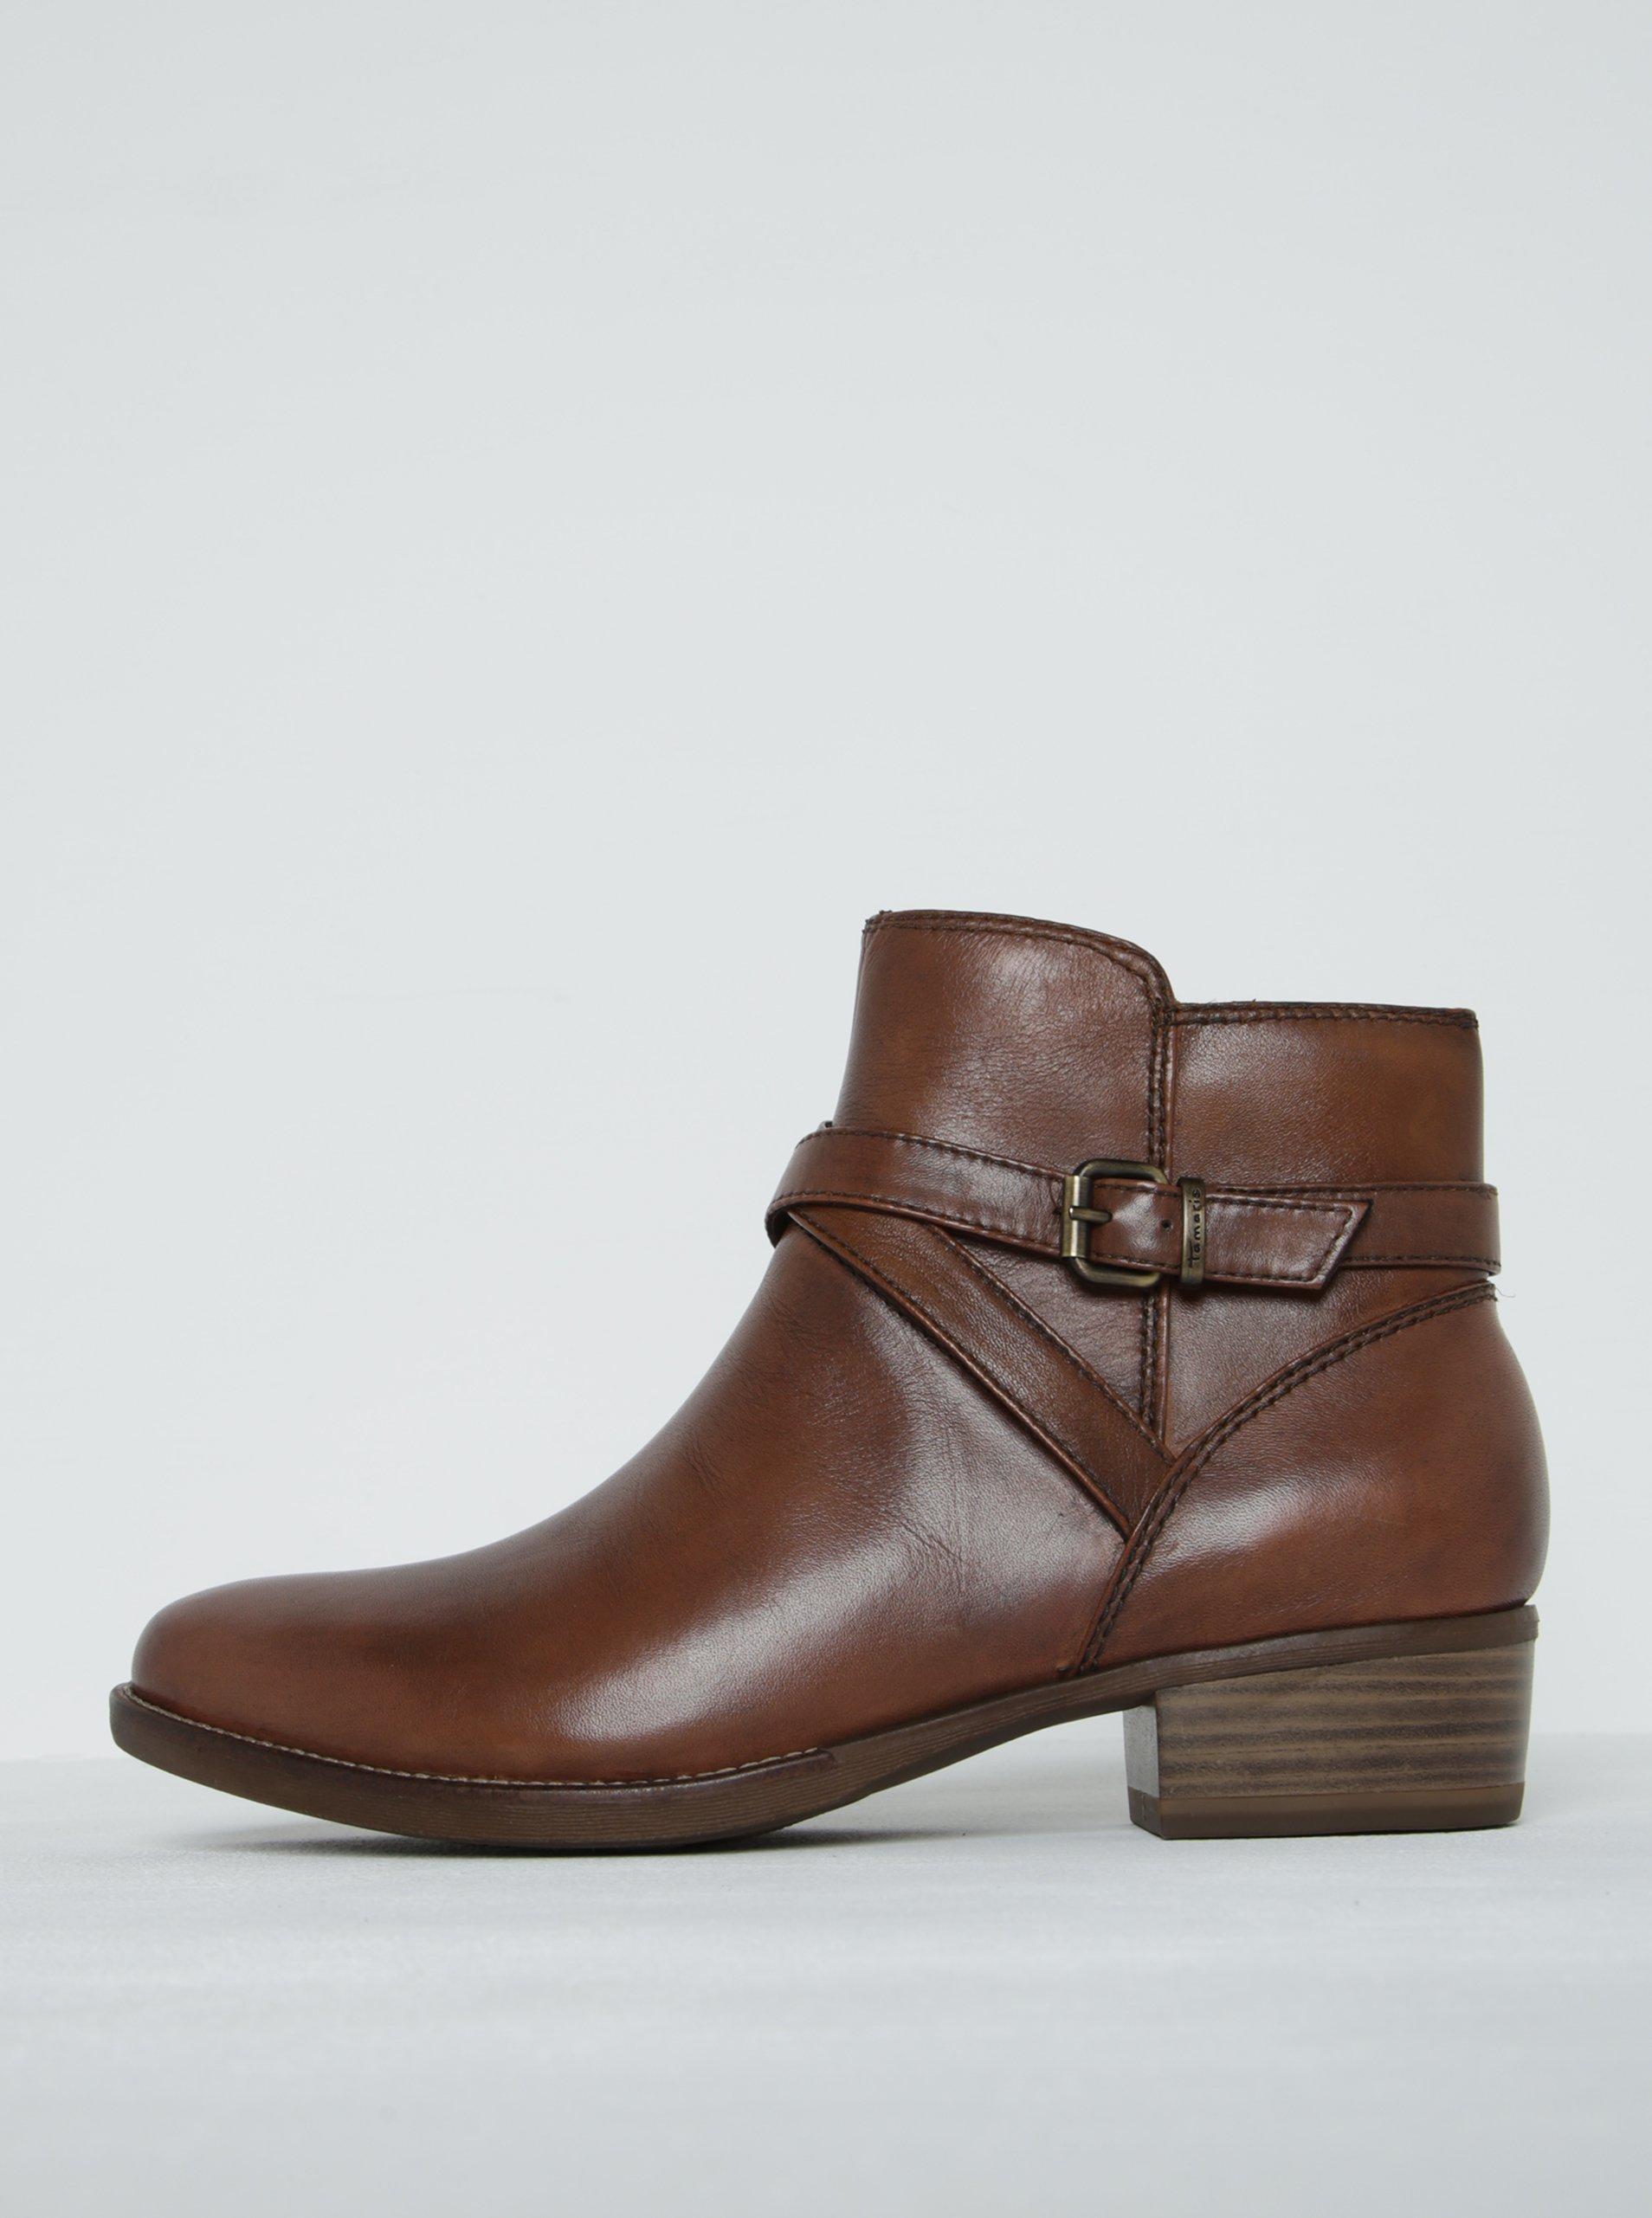 Hnědé kožené kotníkové boty s tenkým páskem a přezkou Tamaris